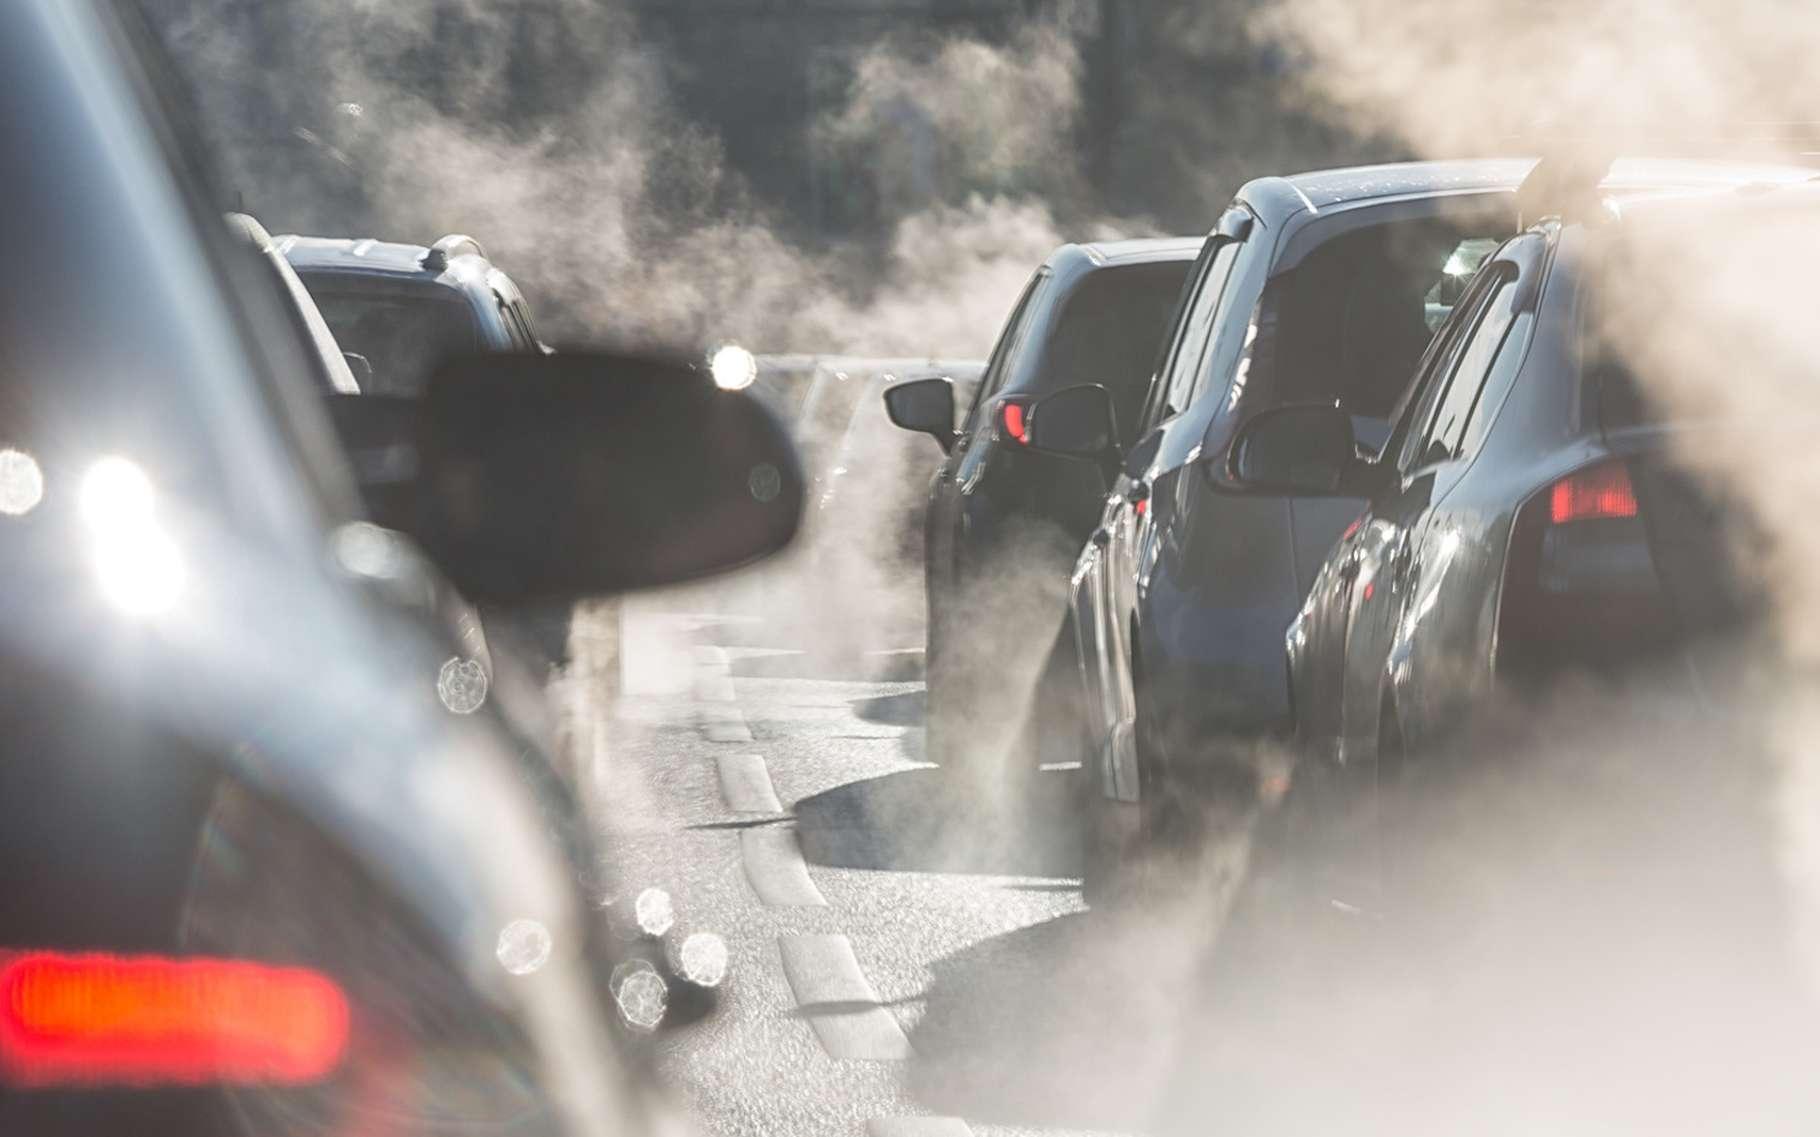 Vrai/faux : la propagation du COVID-19 aurait été accélérée par les voitures polluantes